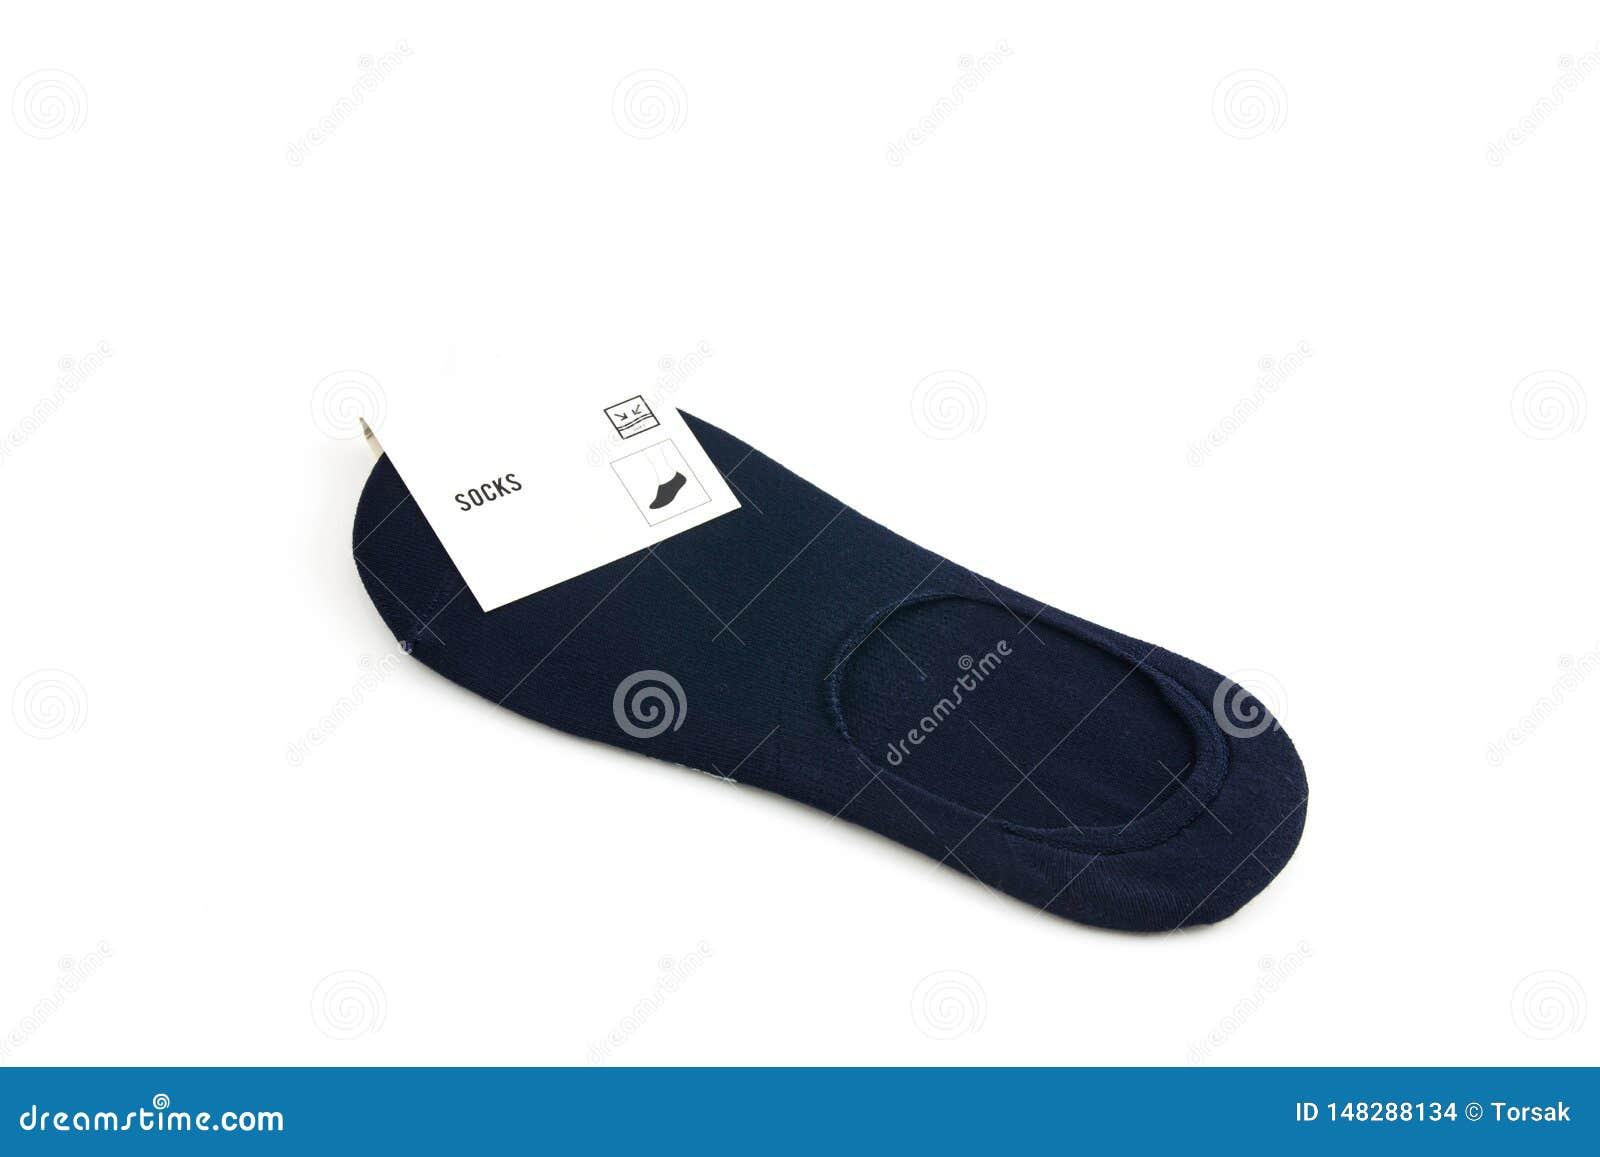 Socke auf wei?em Hintergrund